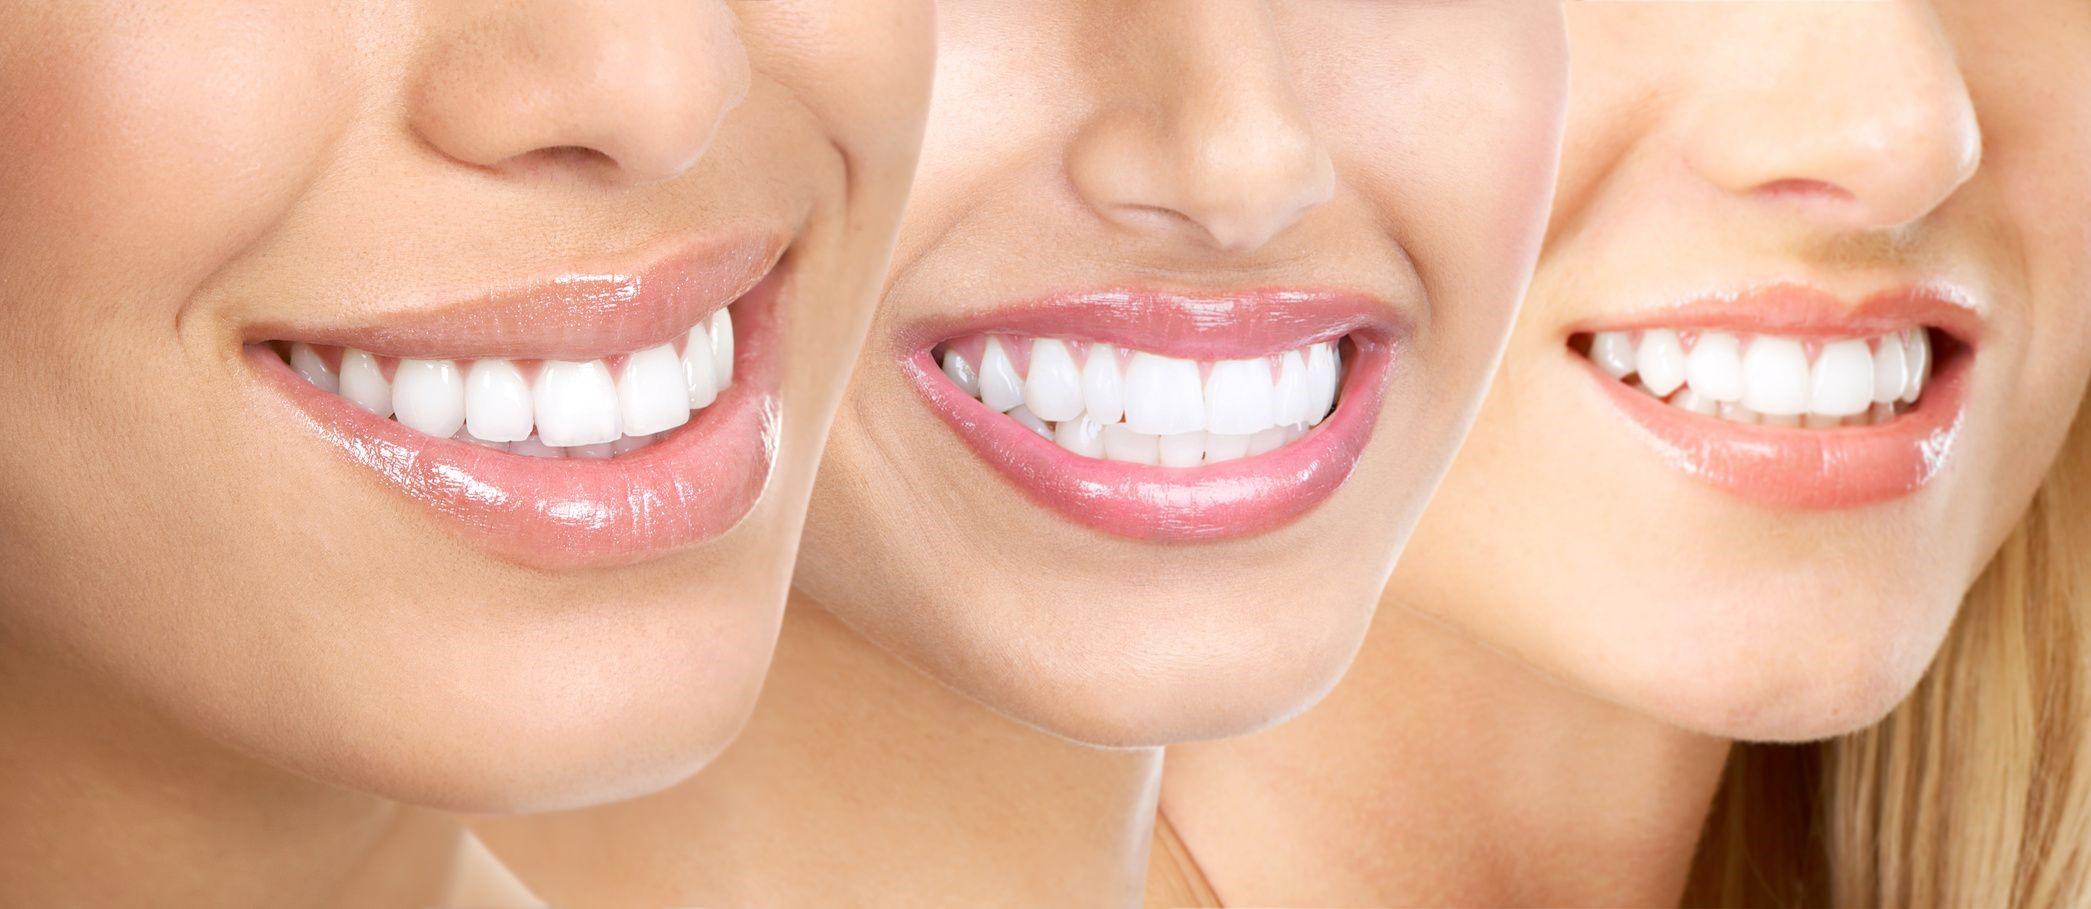 ارتباط سلامت دندان ها با انواع بیماری های قلبی و گوارشی